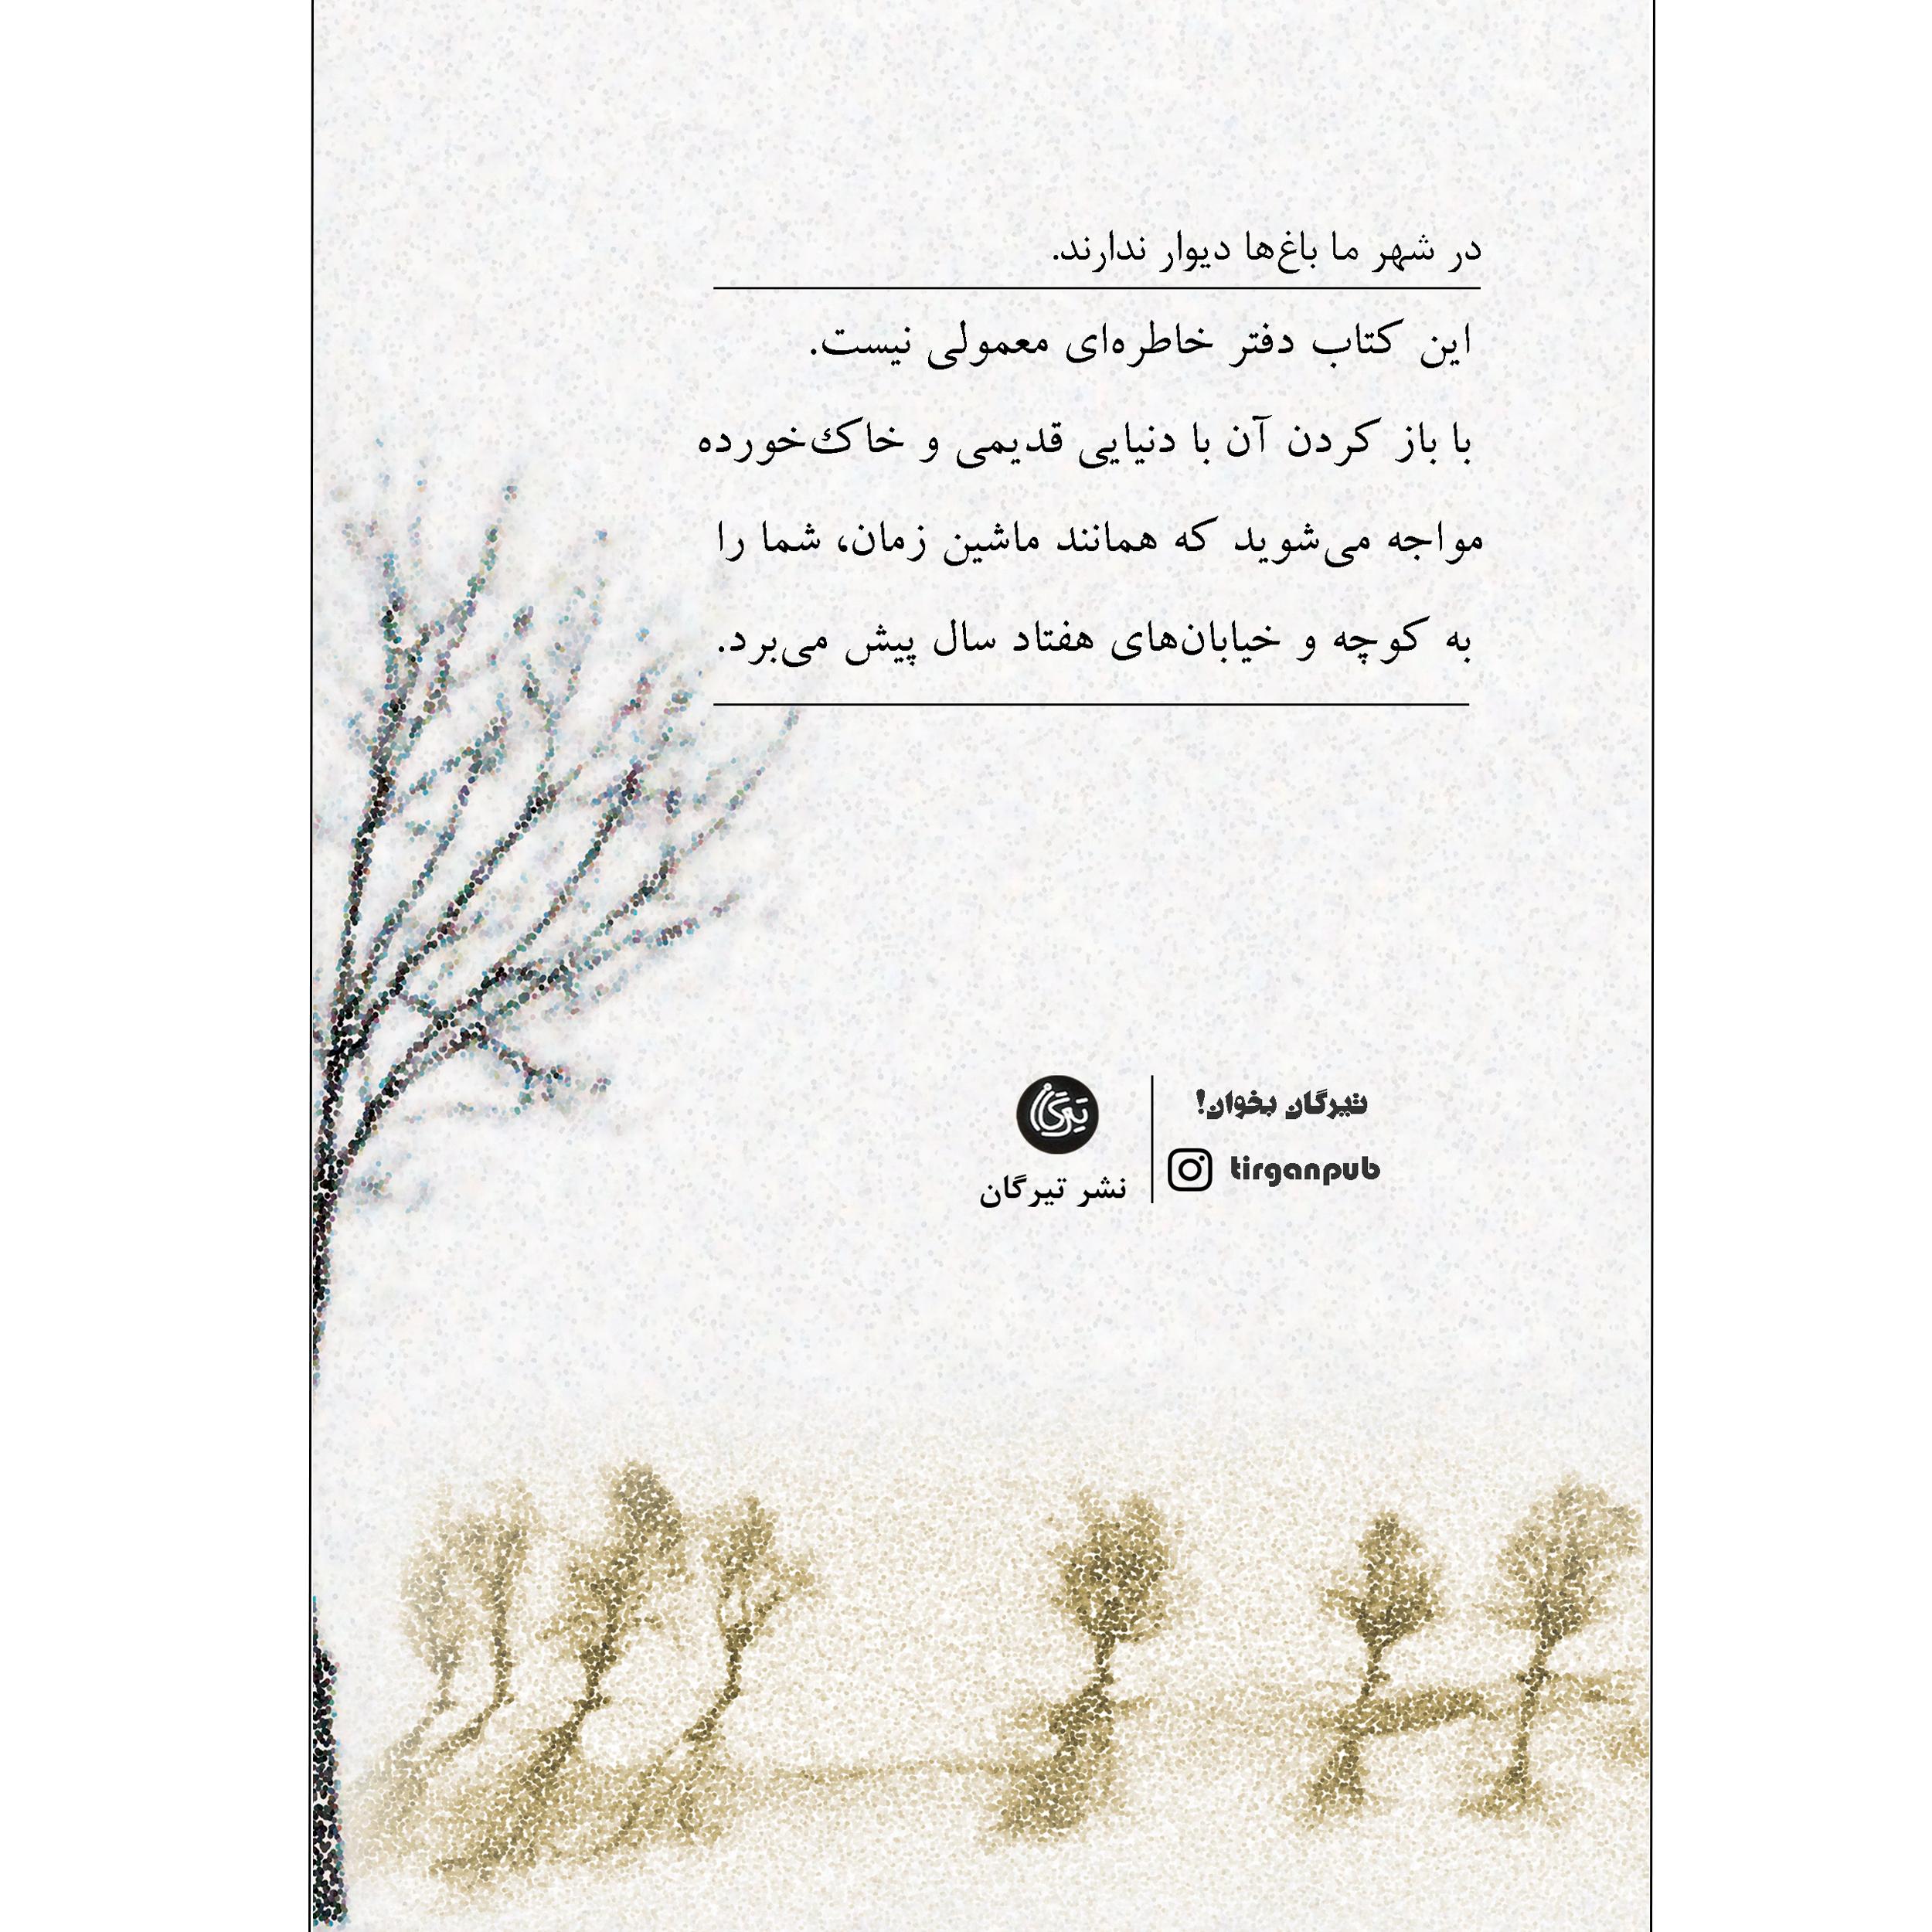 کتاب گزیده ای از در شهر ما باغ ها دیوار ندارند اثر ناصر نظری نشر تیرگان